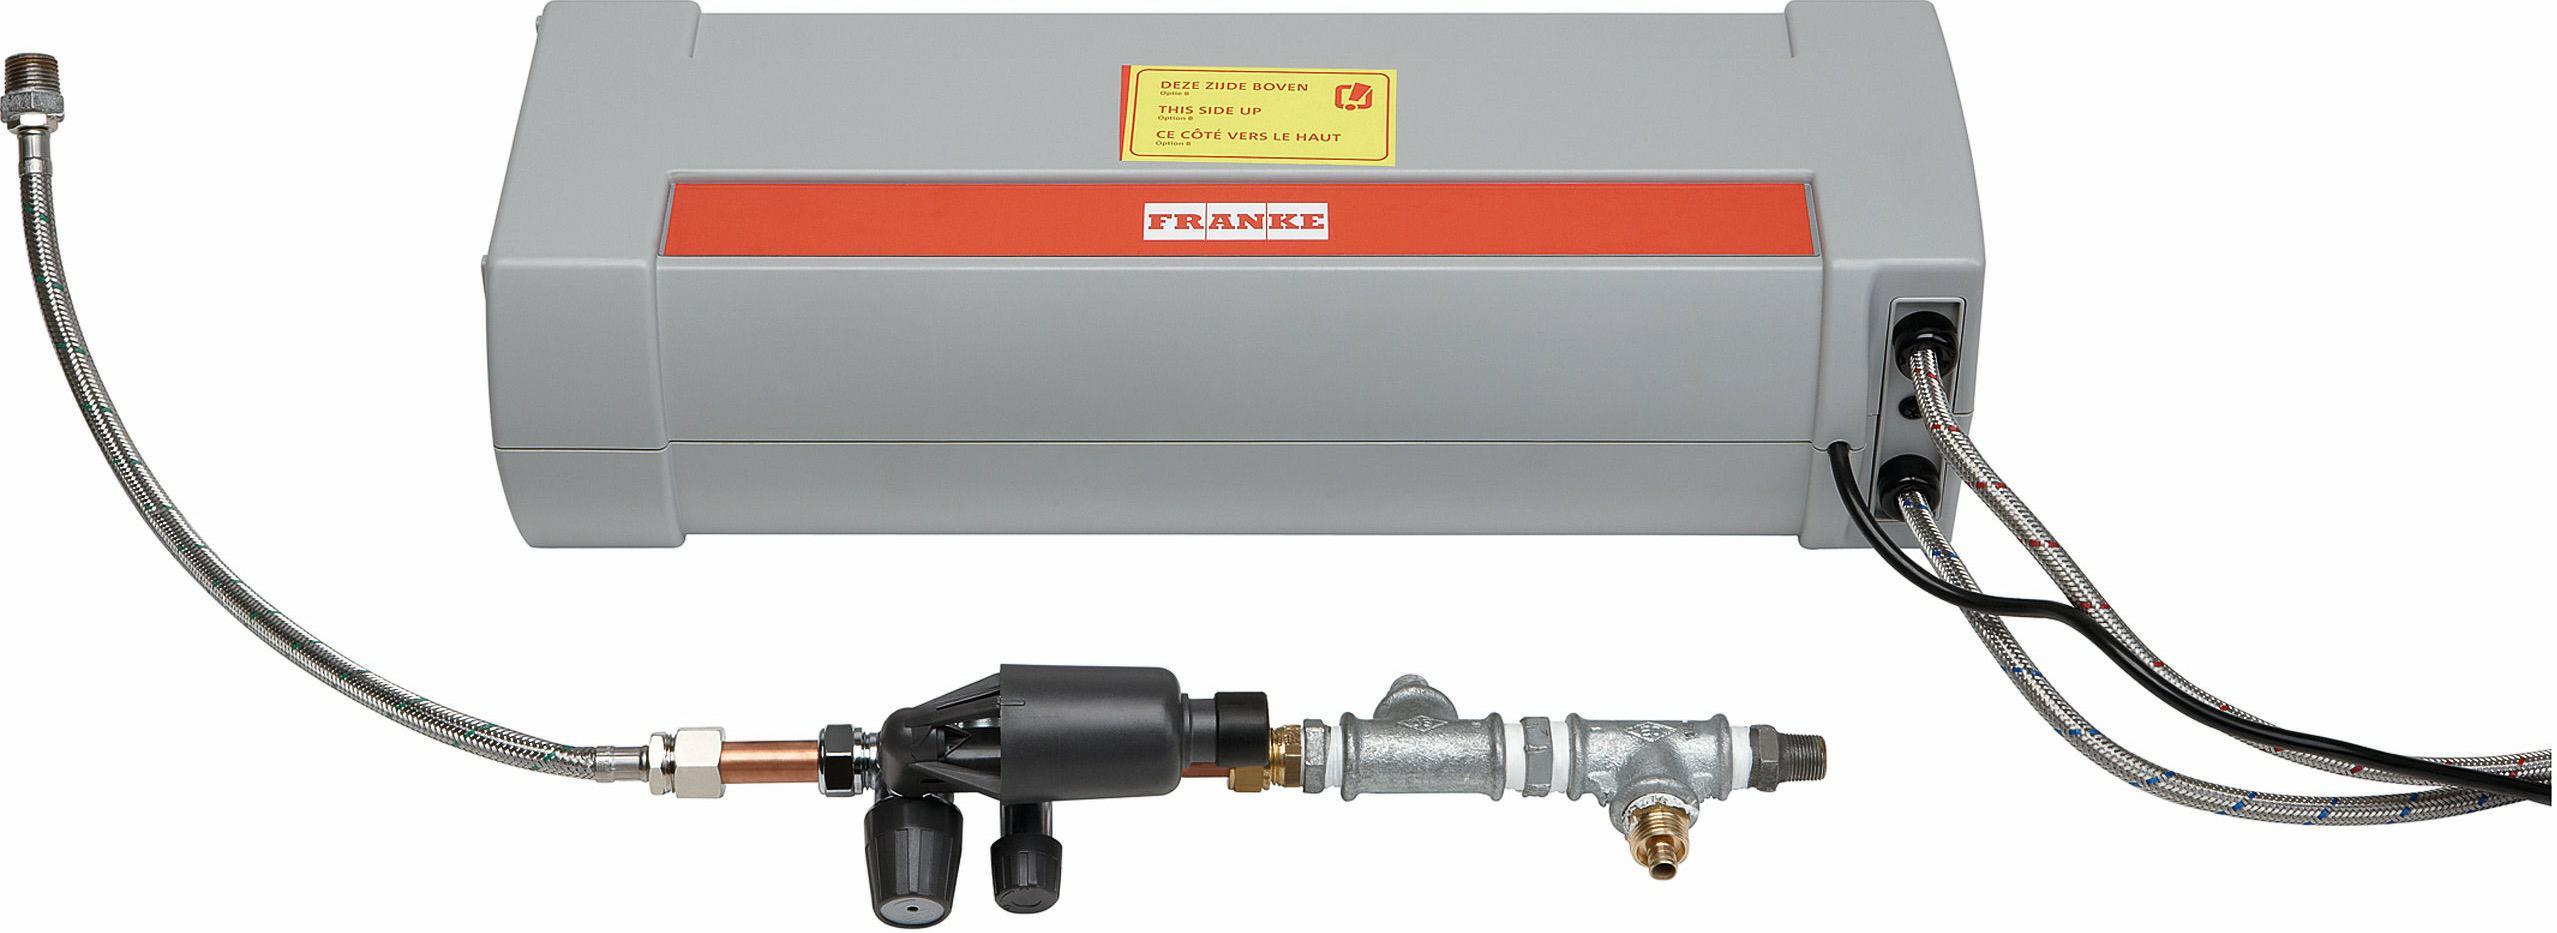 boiler Franke Toebehoren 302205 boiler